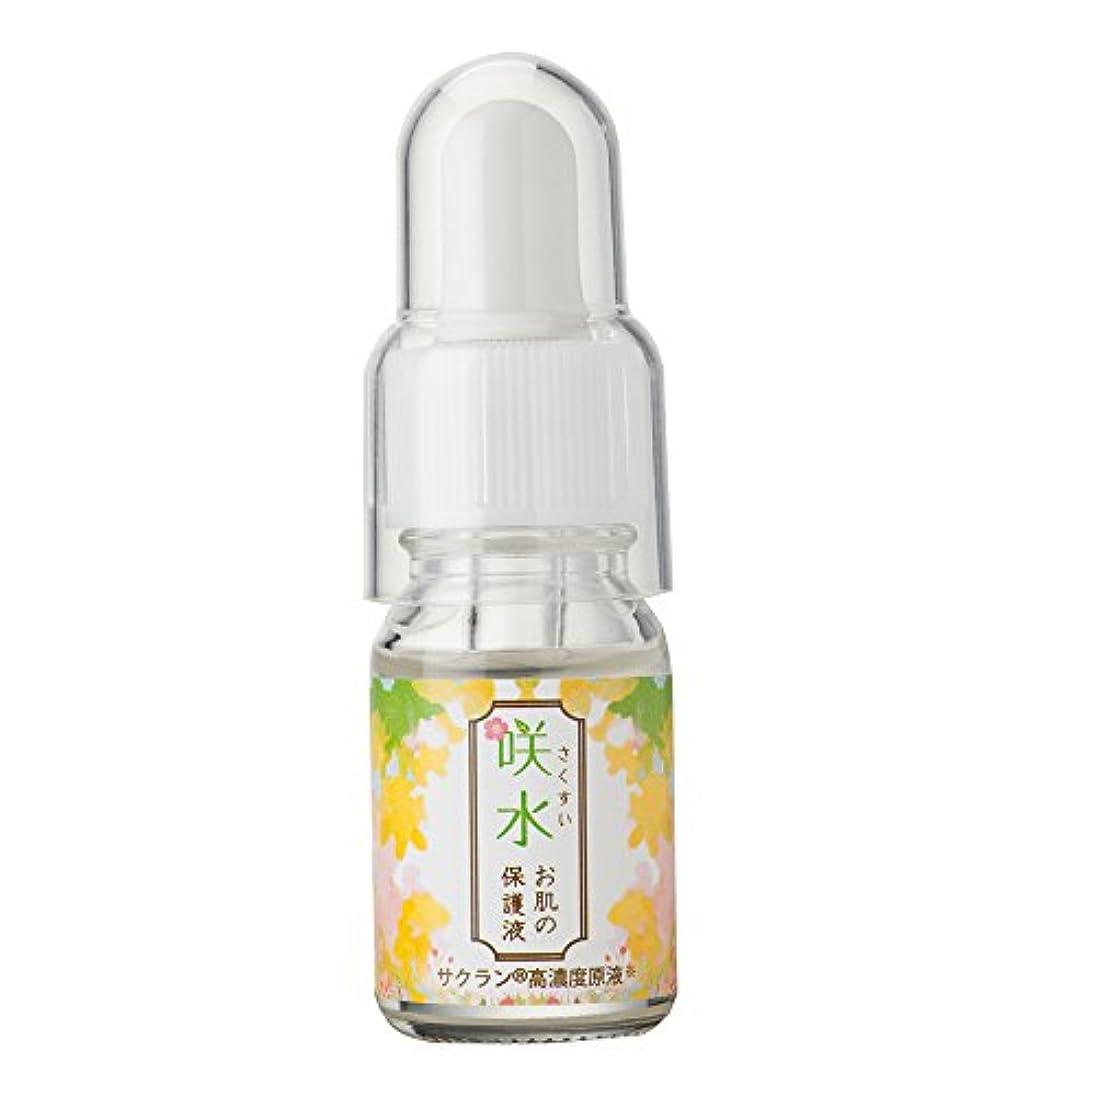 軸面積咲水お肌の保護液 10ml  保湿 美容液 顔 スイセンジノリ サクラン リバテープ製薬公式